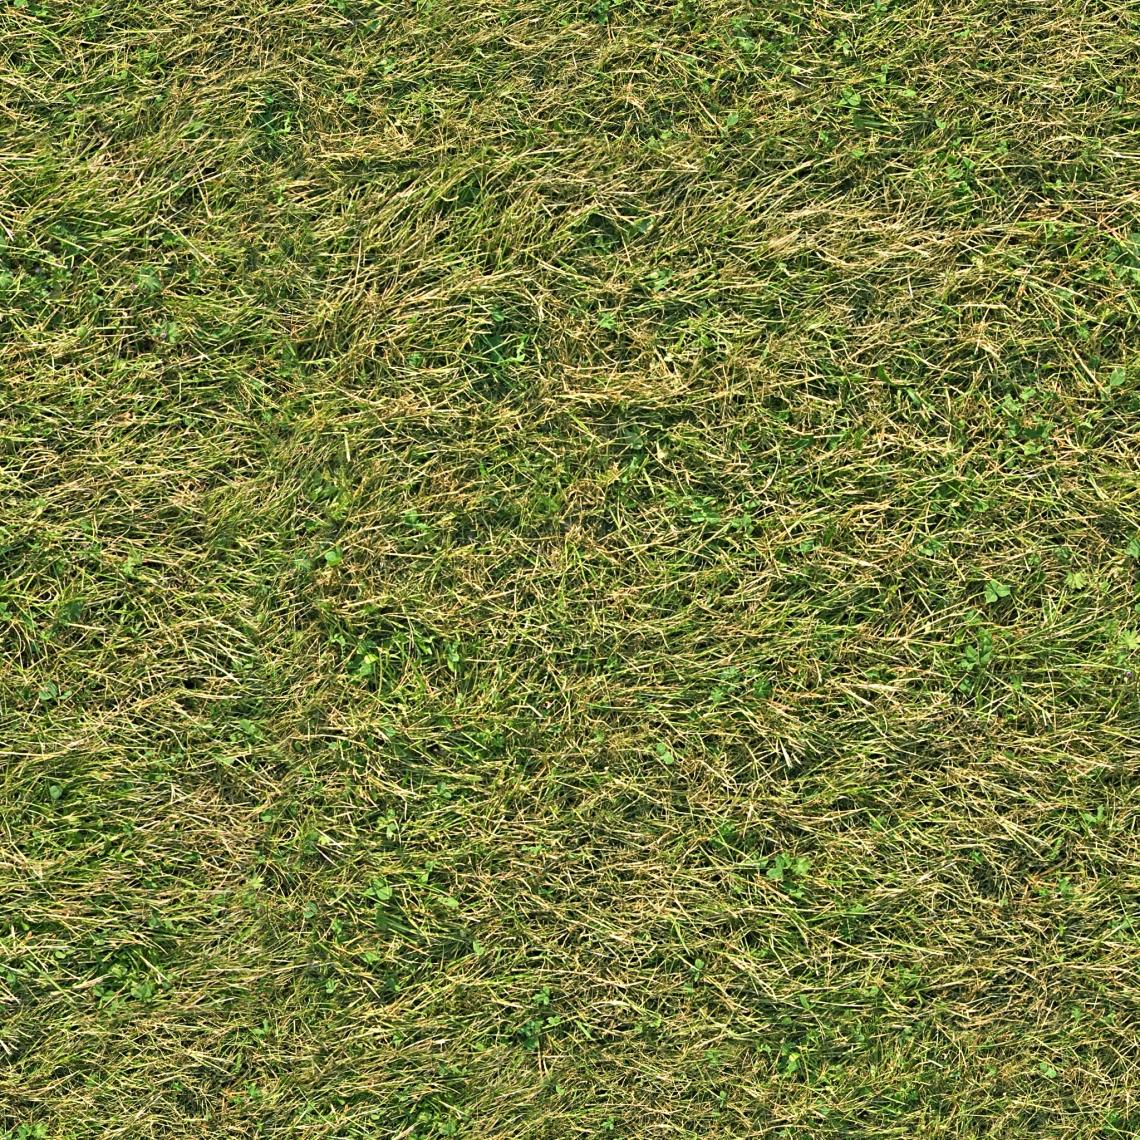 Seamless Grass